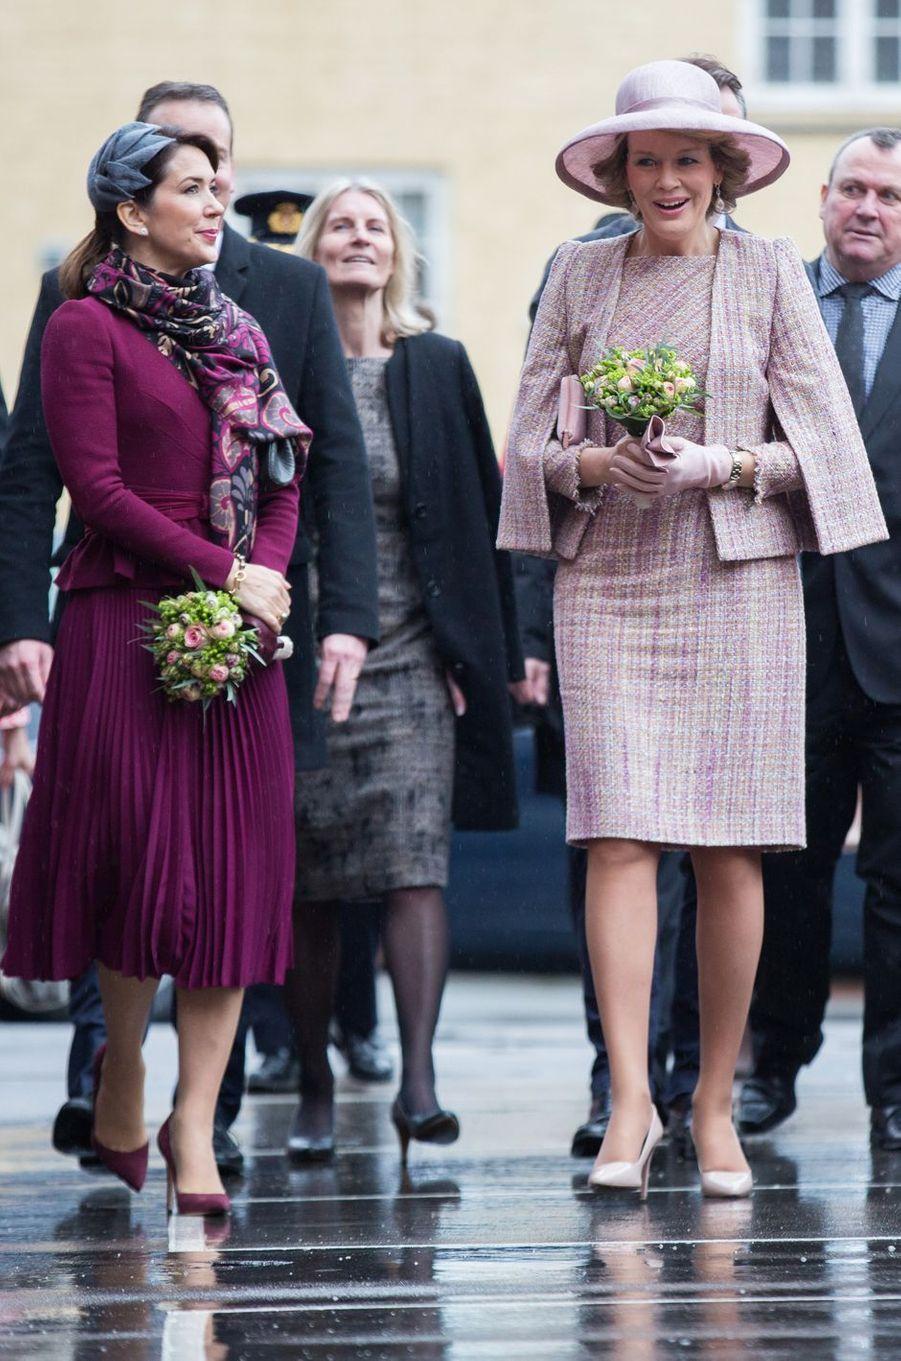 La princesse Mary de Danemark et la reine Mathilde de Belgique à Copenhague, le 29 mars 2017